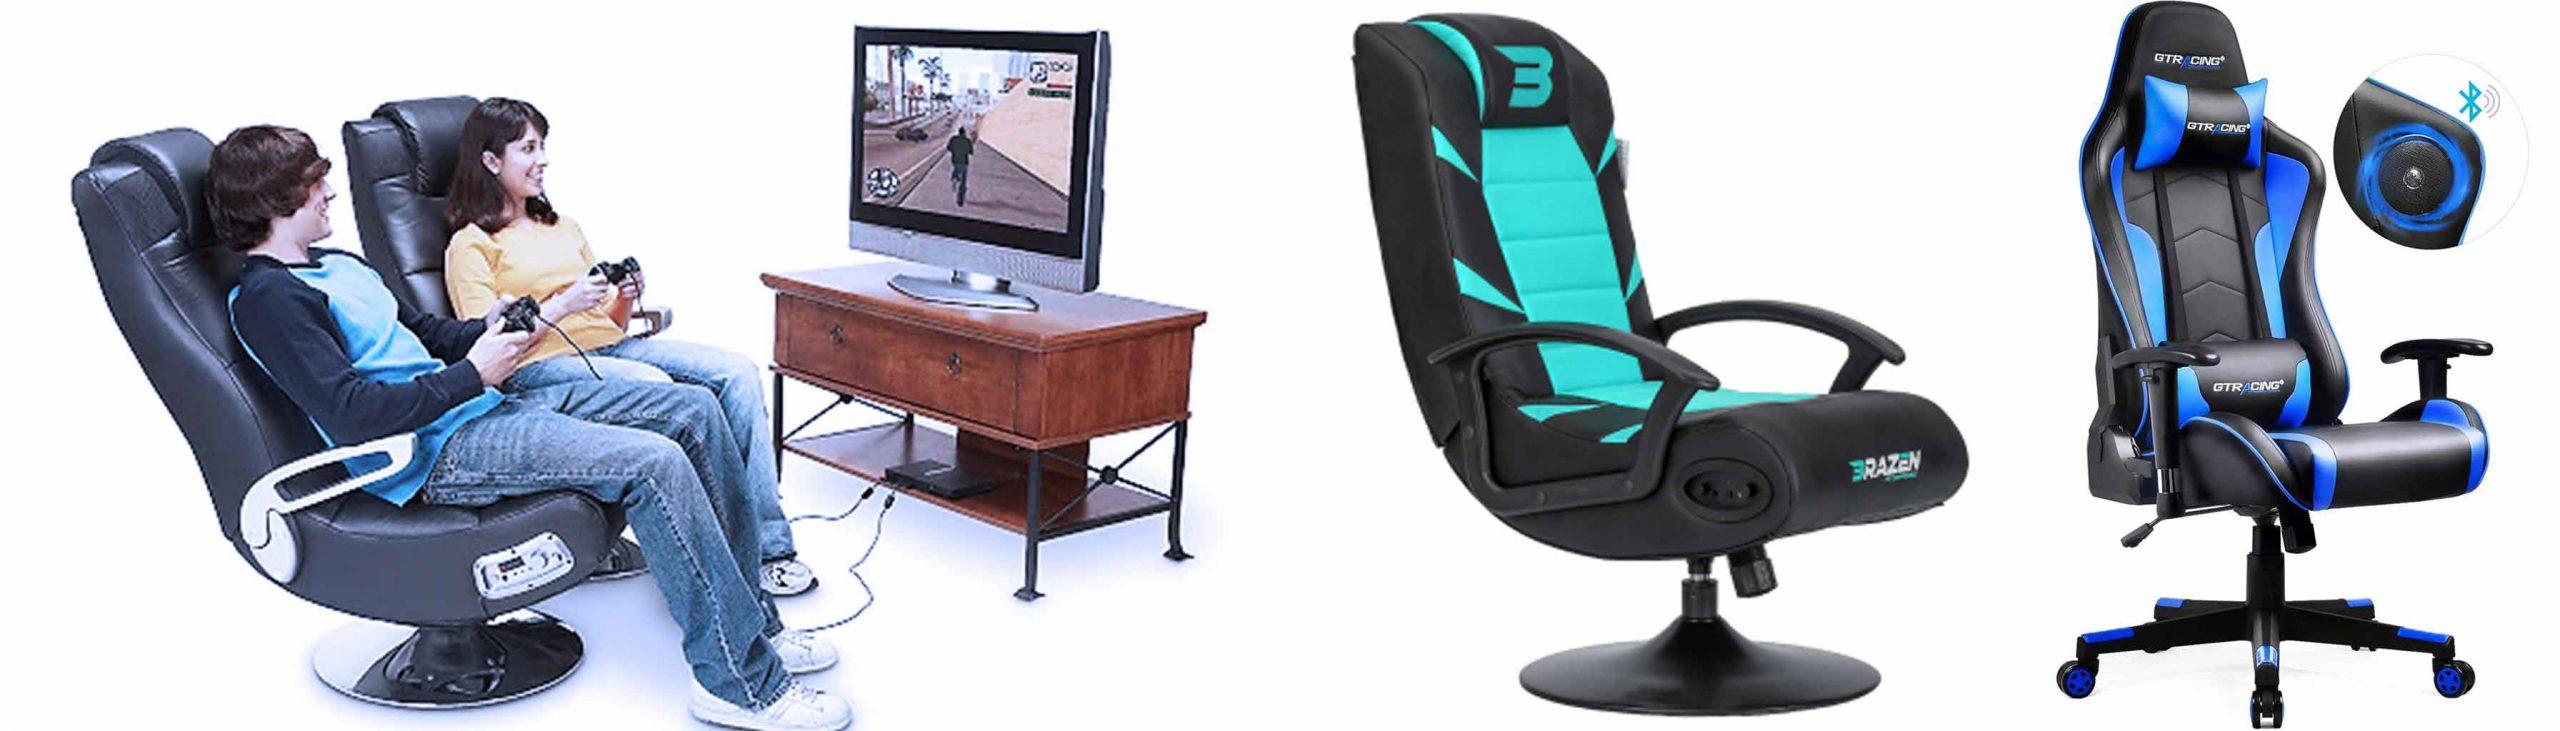 صندلی-بازی-صندلی-های-مخصوص-بازی-صندلی-گیمینگ-gaming-chair-راهنمای-خرید-صندلی-بازی-یا-گیمینگ-راهنمای-خرید-صندلی-های-بازی